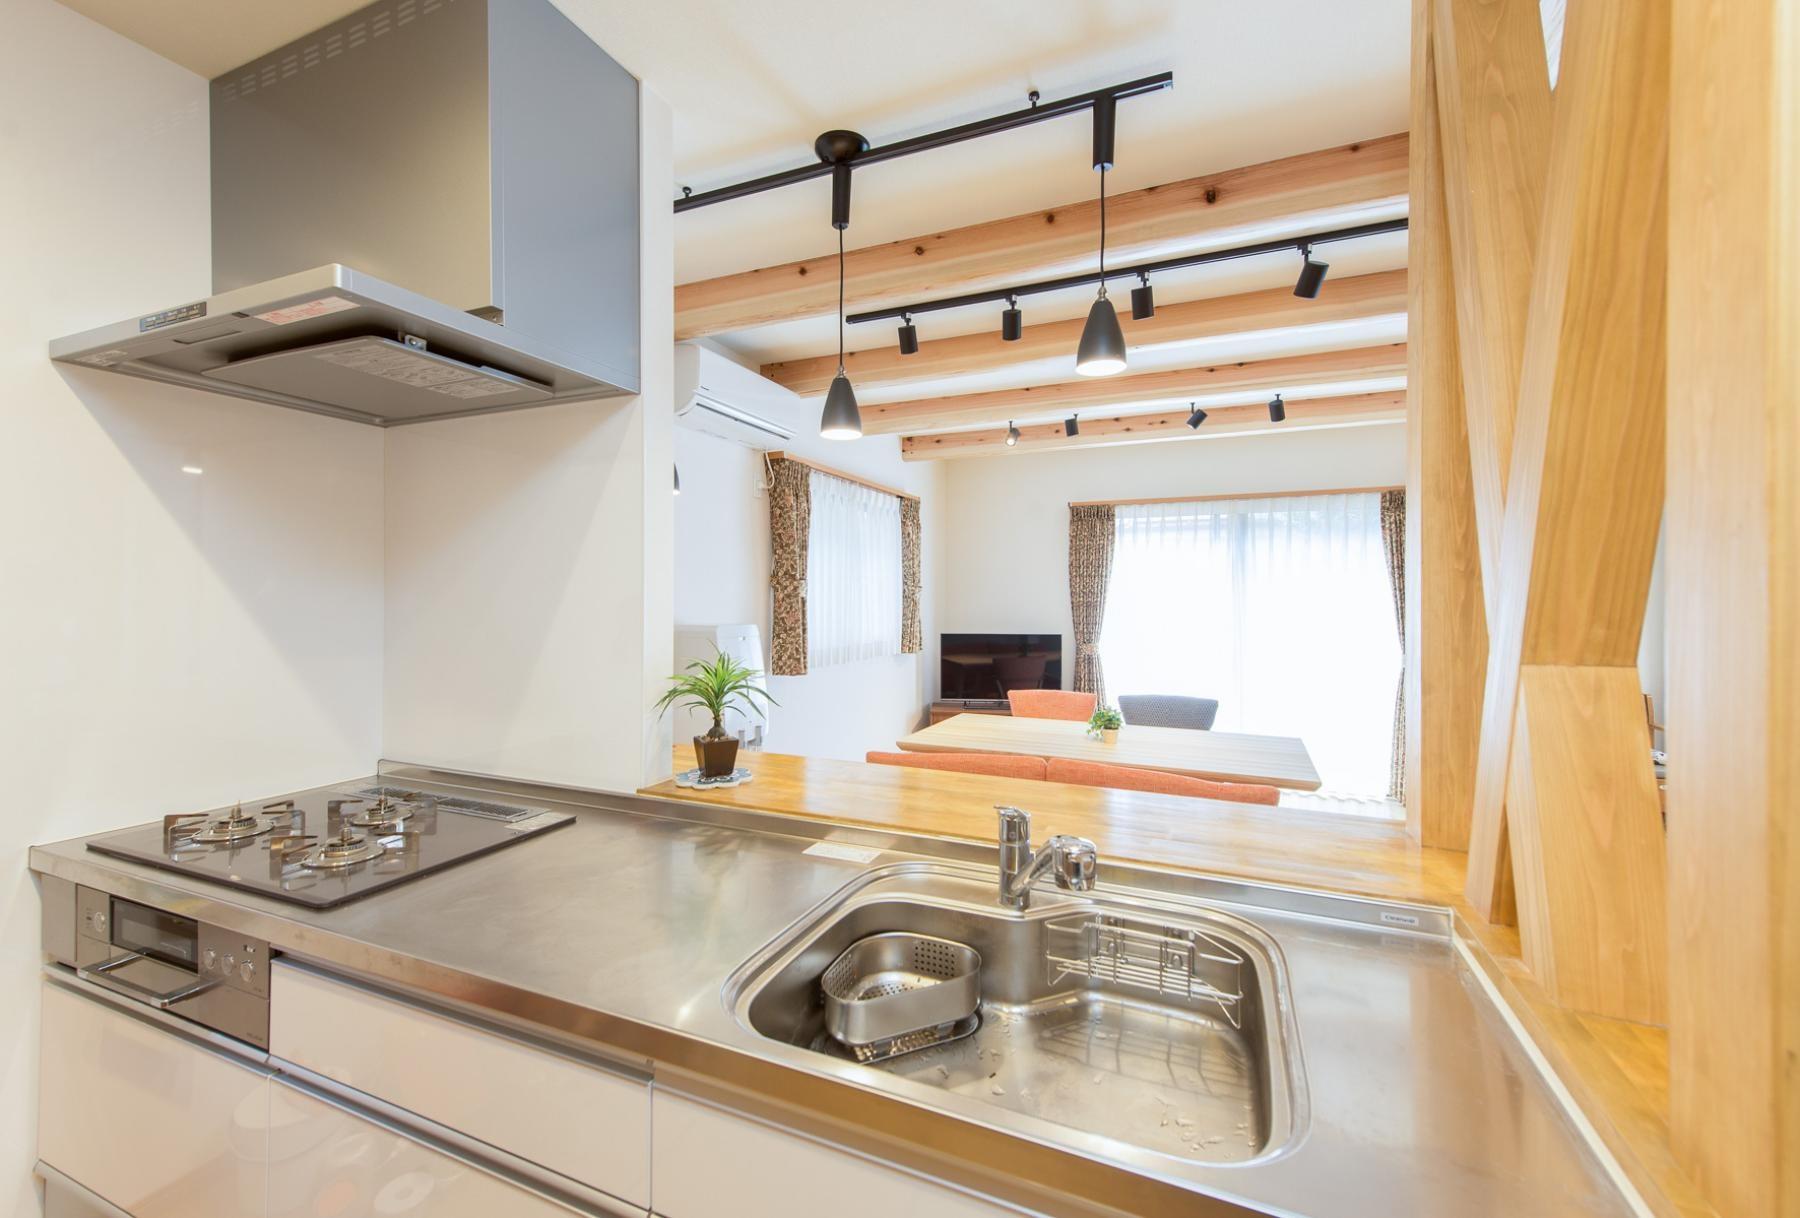 キッチン事例:キッチン(北欧風ナチュラルインテリアに!戸建て全面改装)